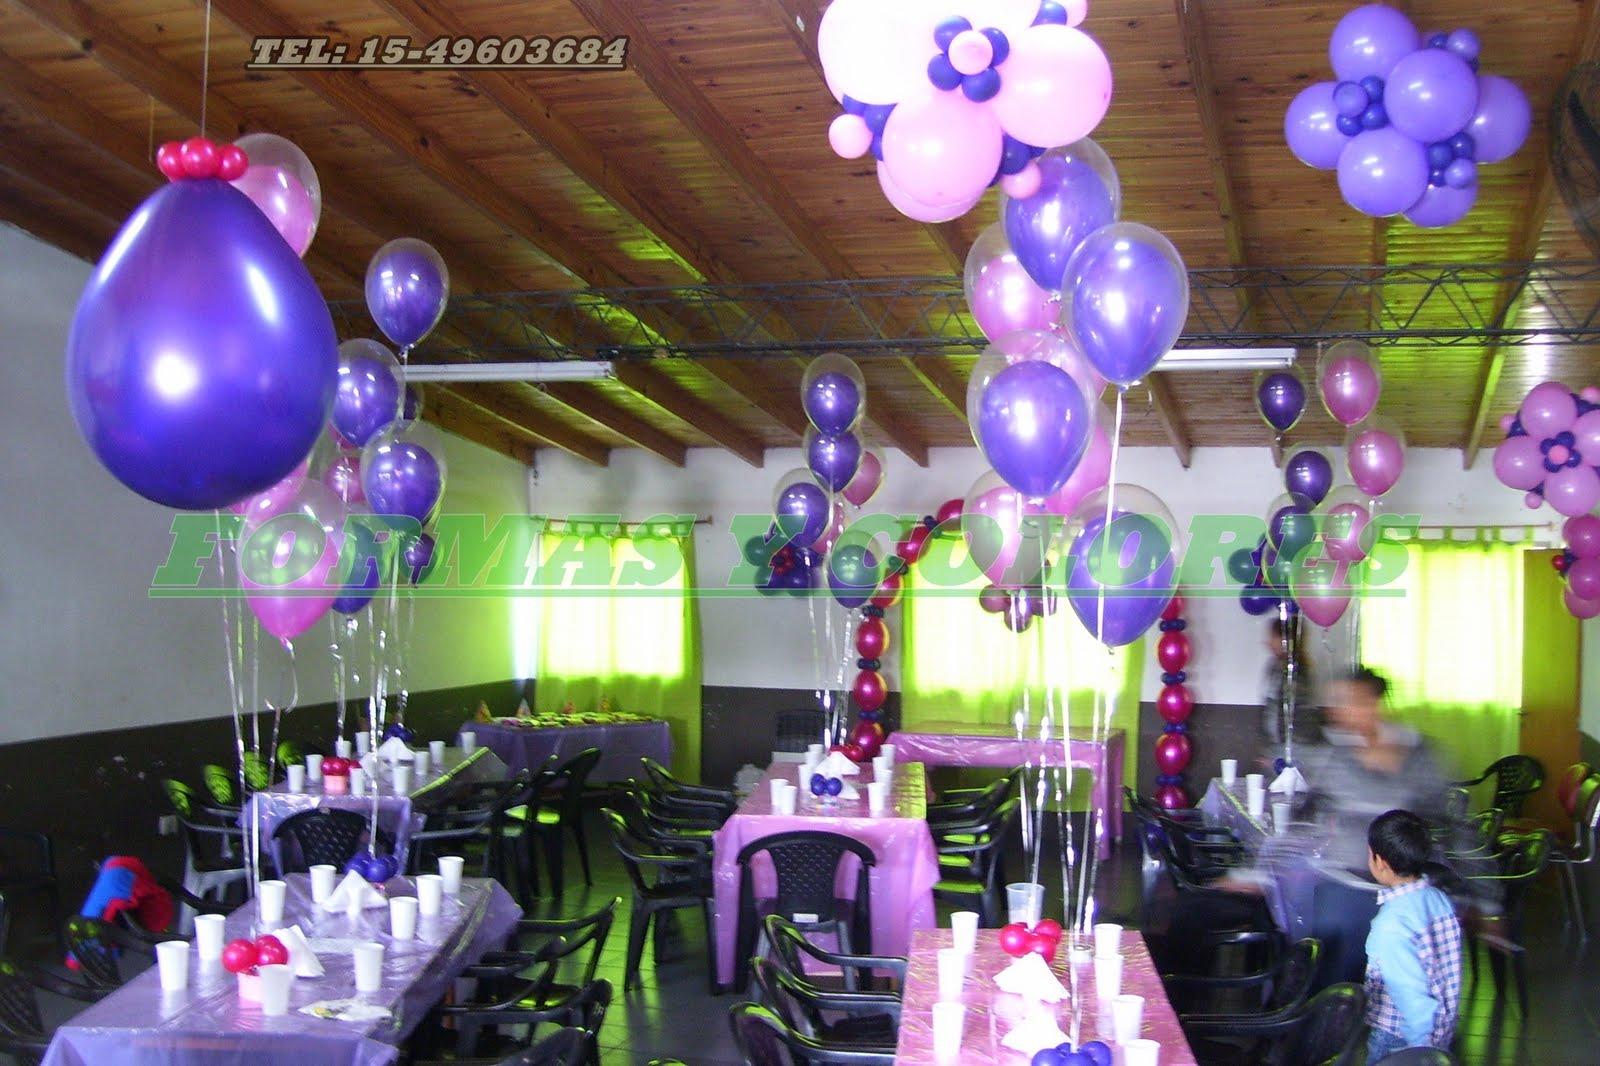 Decoracion con globos - Decoracion para foto ...